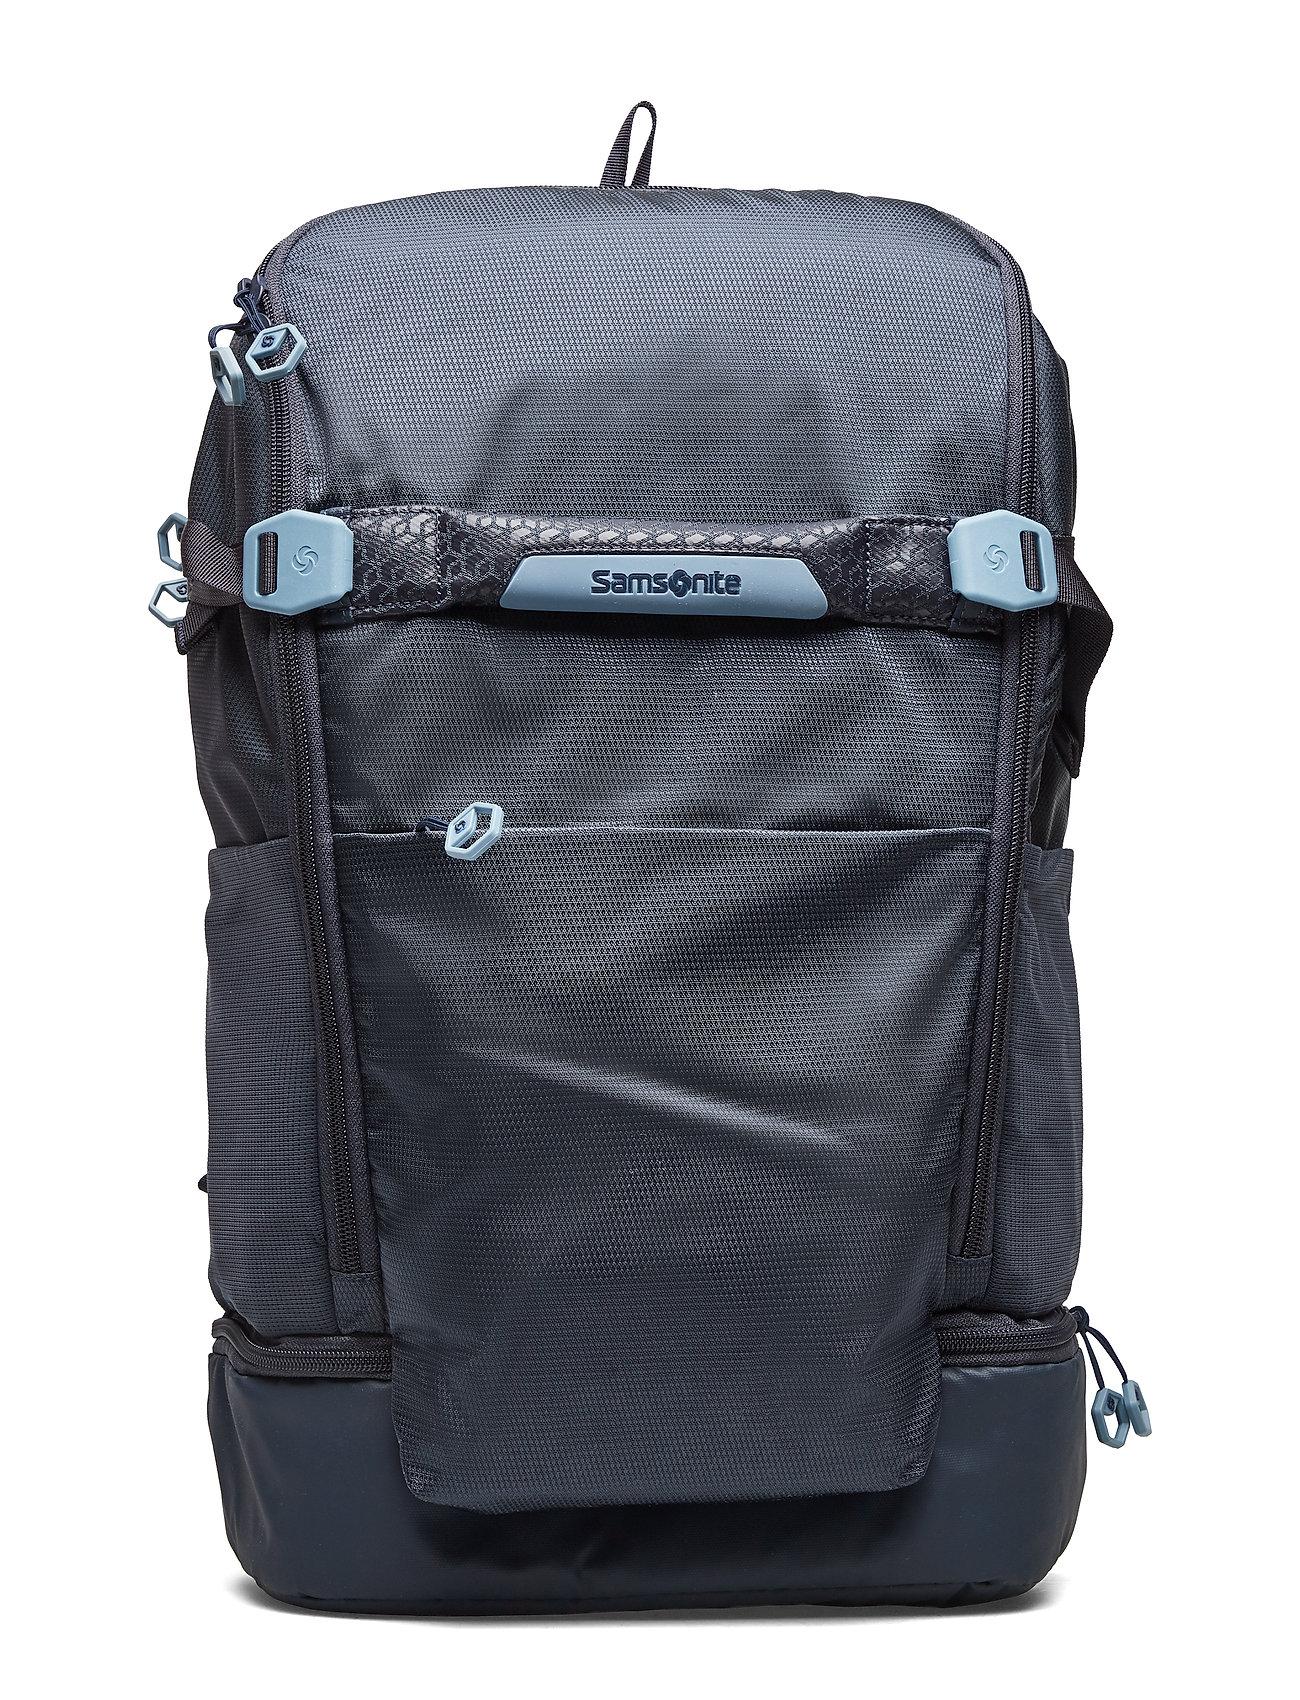 Samsonite Hexa-Packs Laptop Backpack - SHADOW BLUE